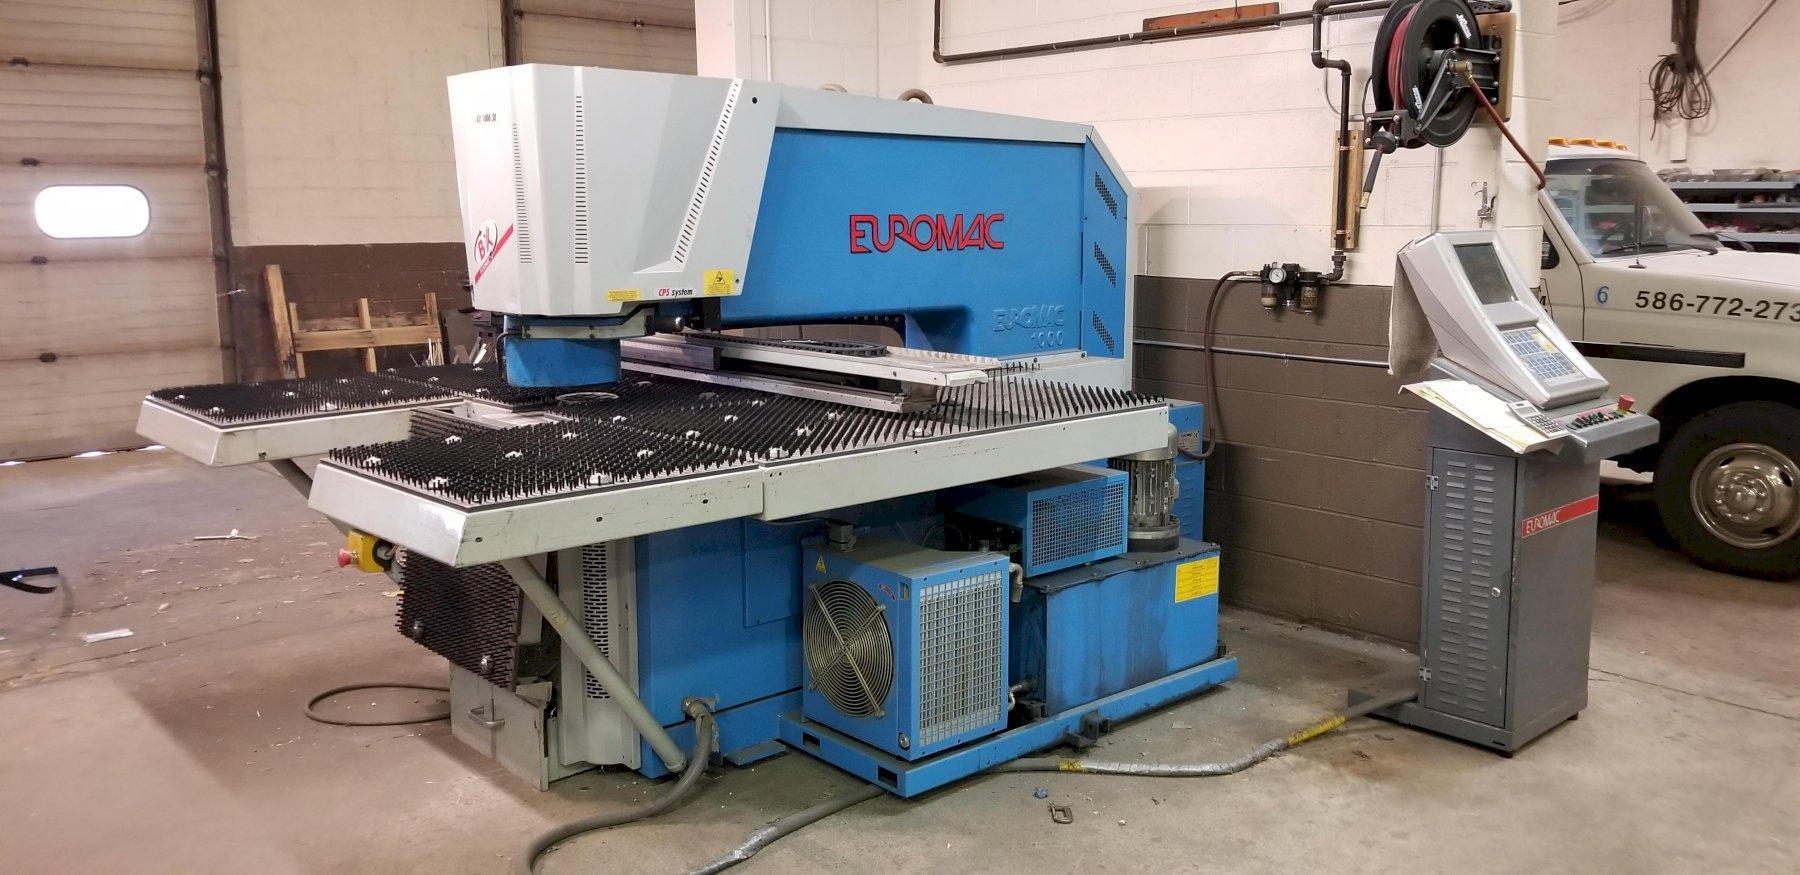 2009 Euromac BX1000 CNC Hydraulic Punching Machine